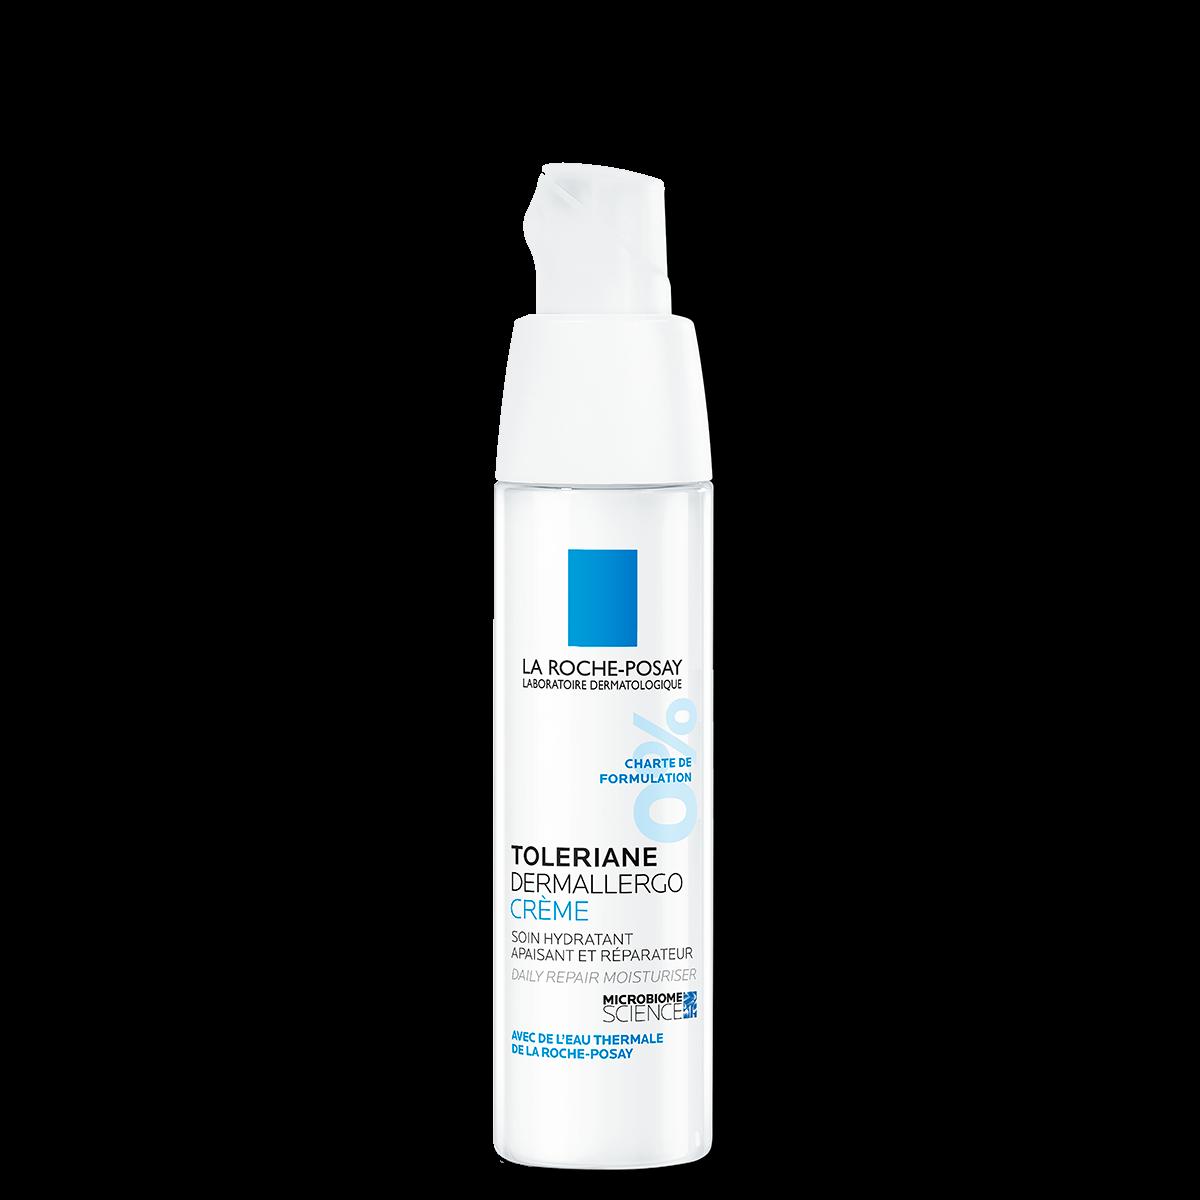 lrp-toleriane-dermallergo-creme-front-packshot-FSS